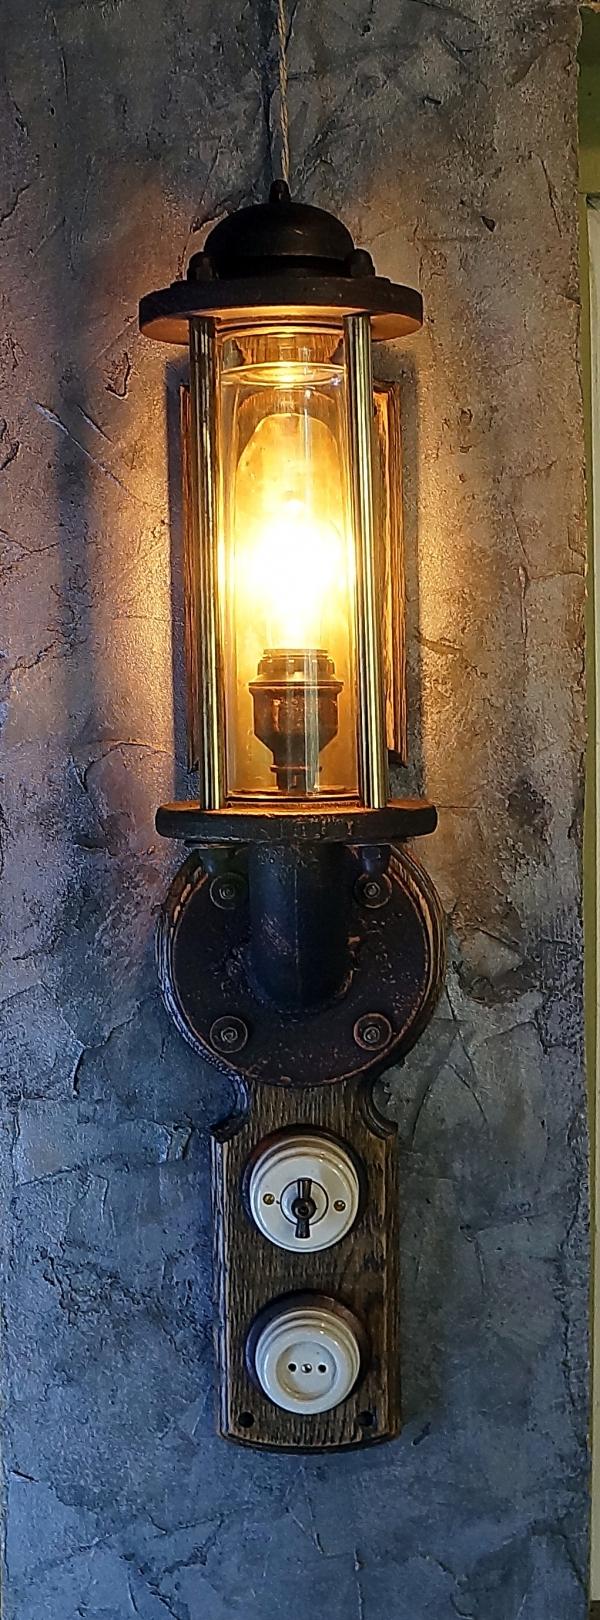 светильник №2 от творческой мастерской д. Фёдор